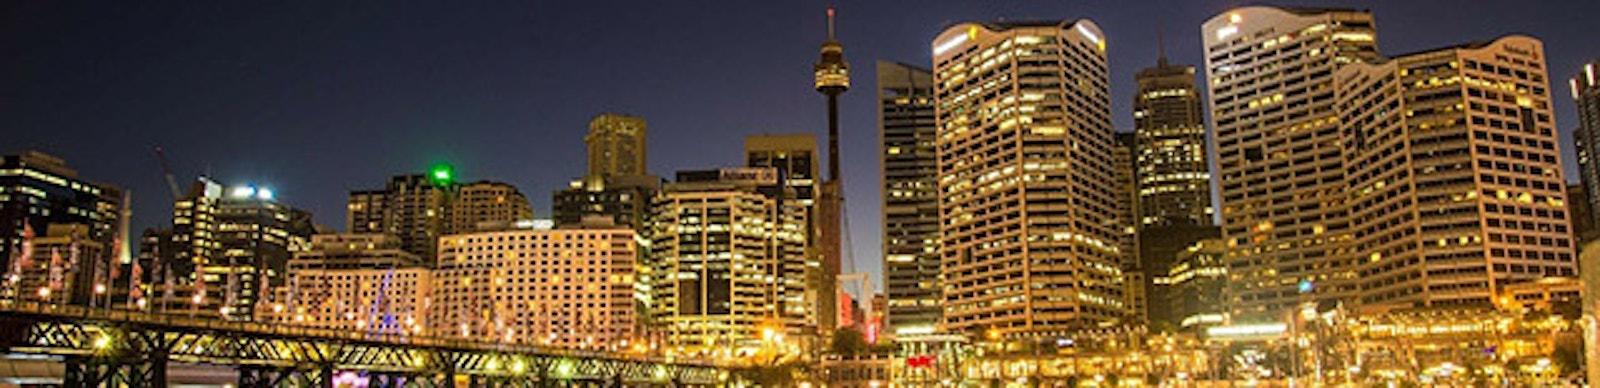 Darling Harbour 313216 1280 Blog